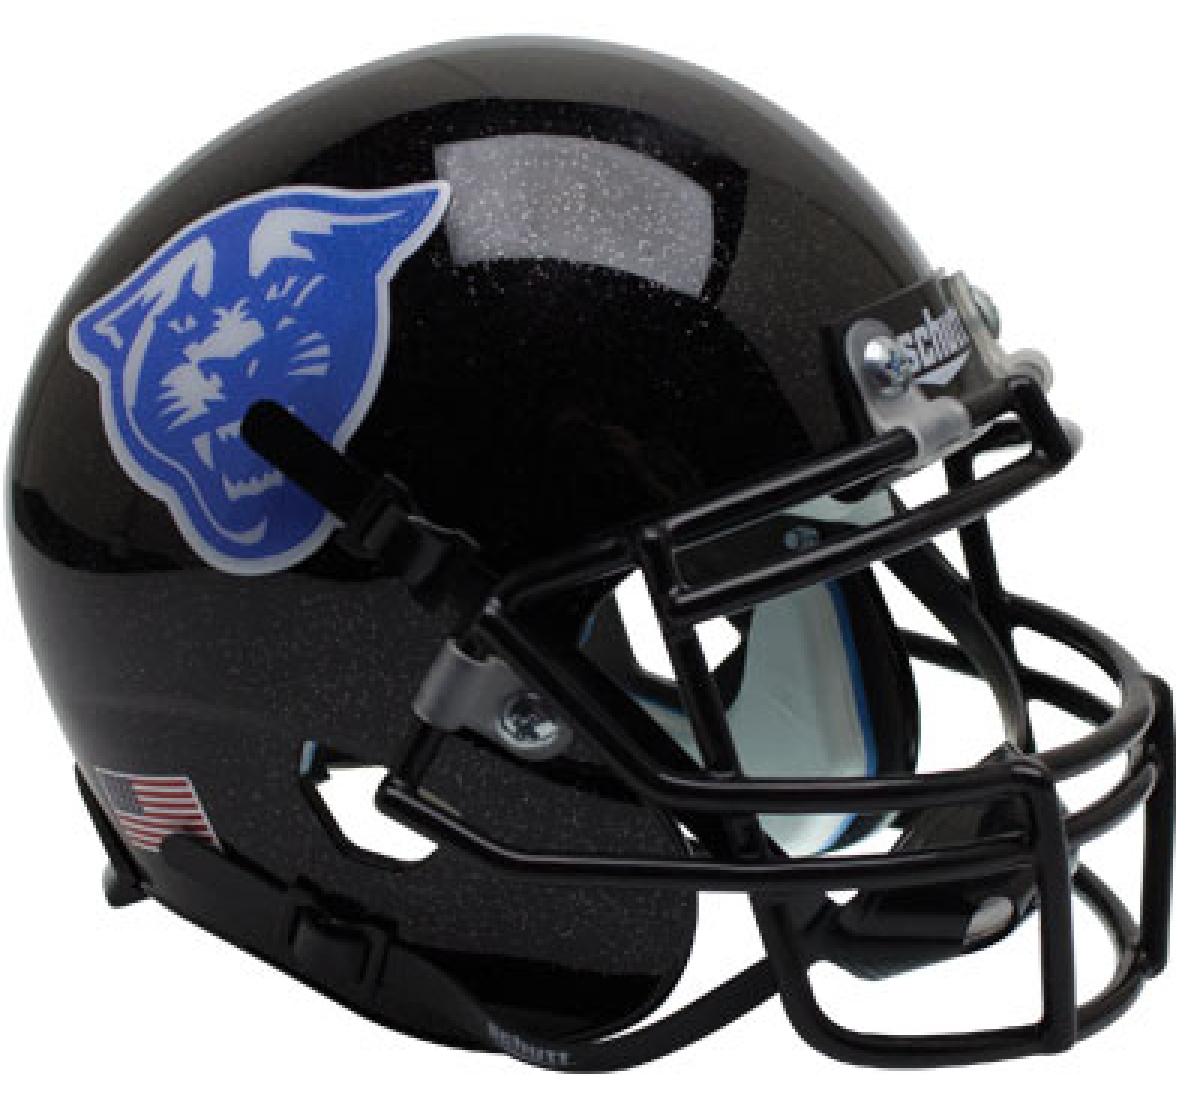 Georgia State Panthers Full XP Replica Football Helmet Schutt <B>Black</B>